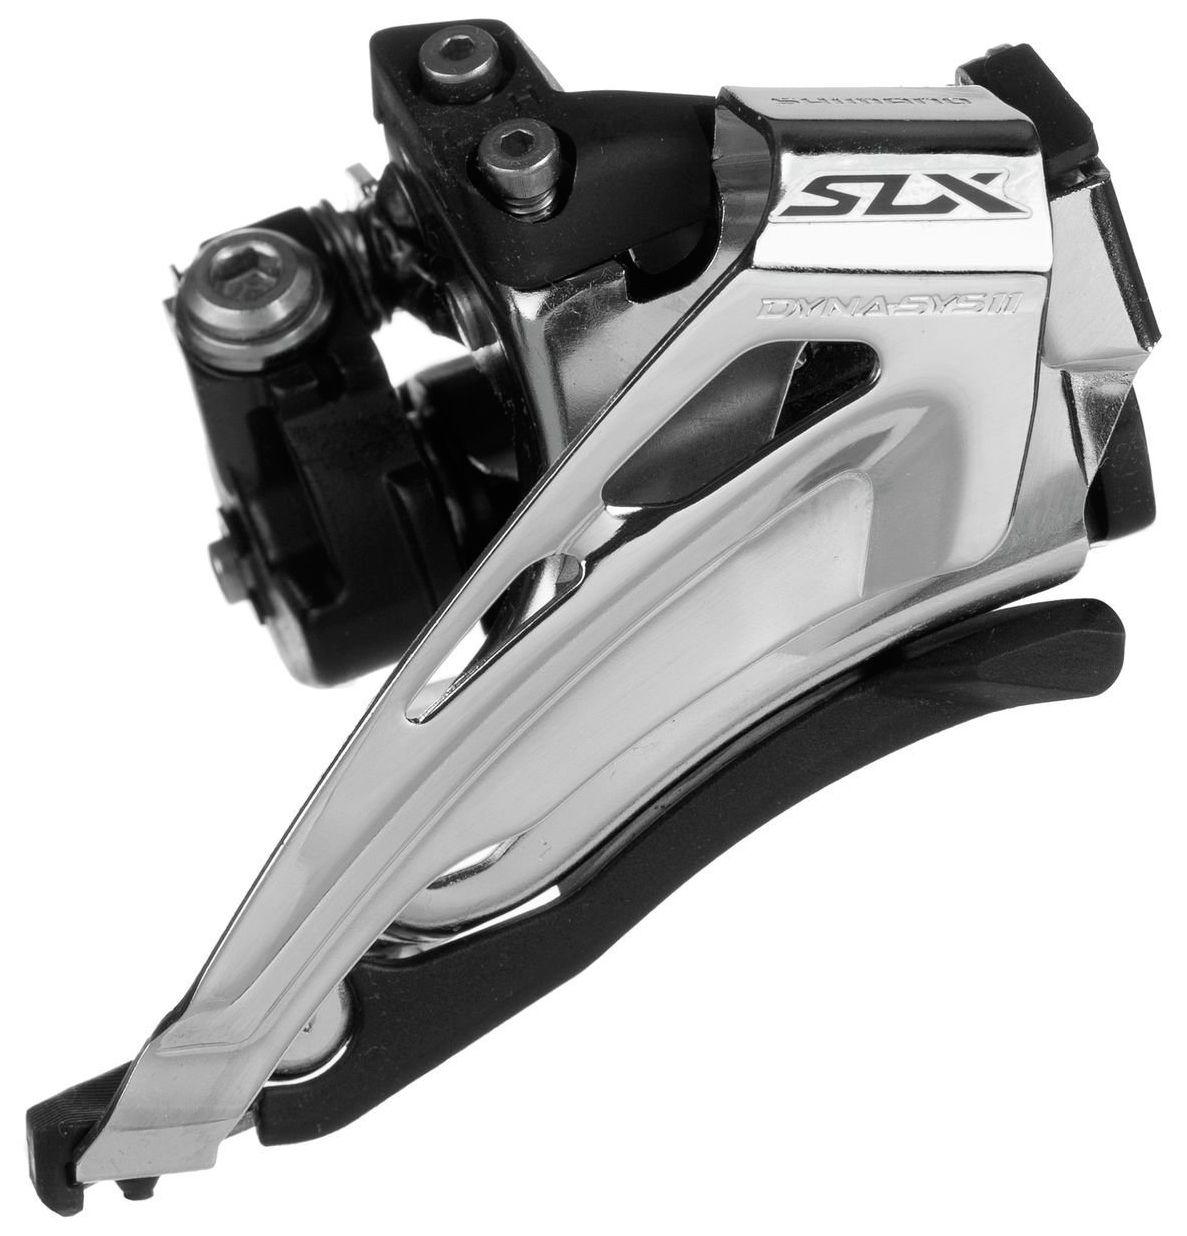 Запчасть Shimano SLX M7025-L, 2x11 переключатель передний shimano slx m7025 l нижний хомут для 2 х 11 скоростей нижняя тяга